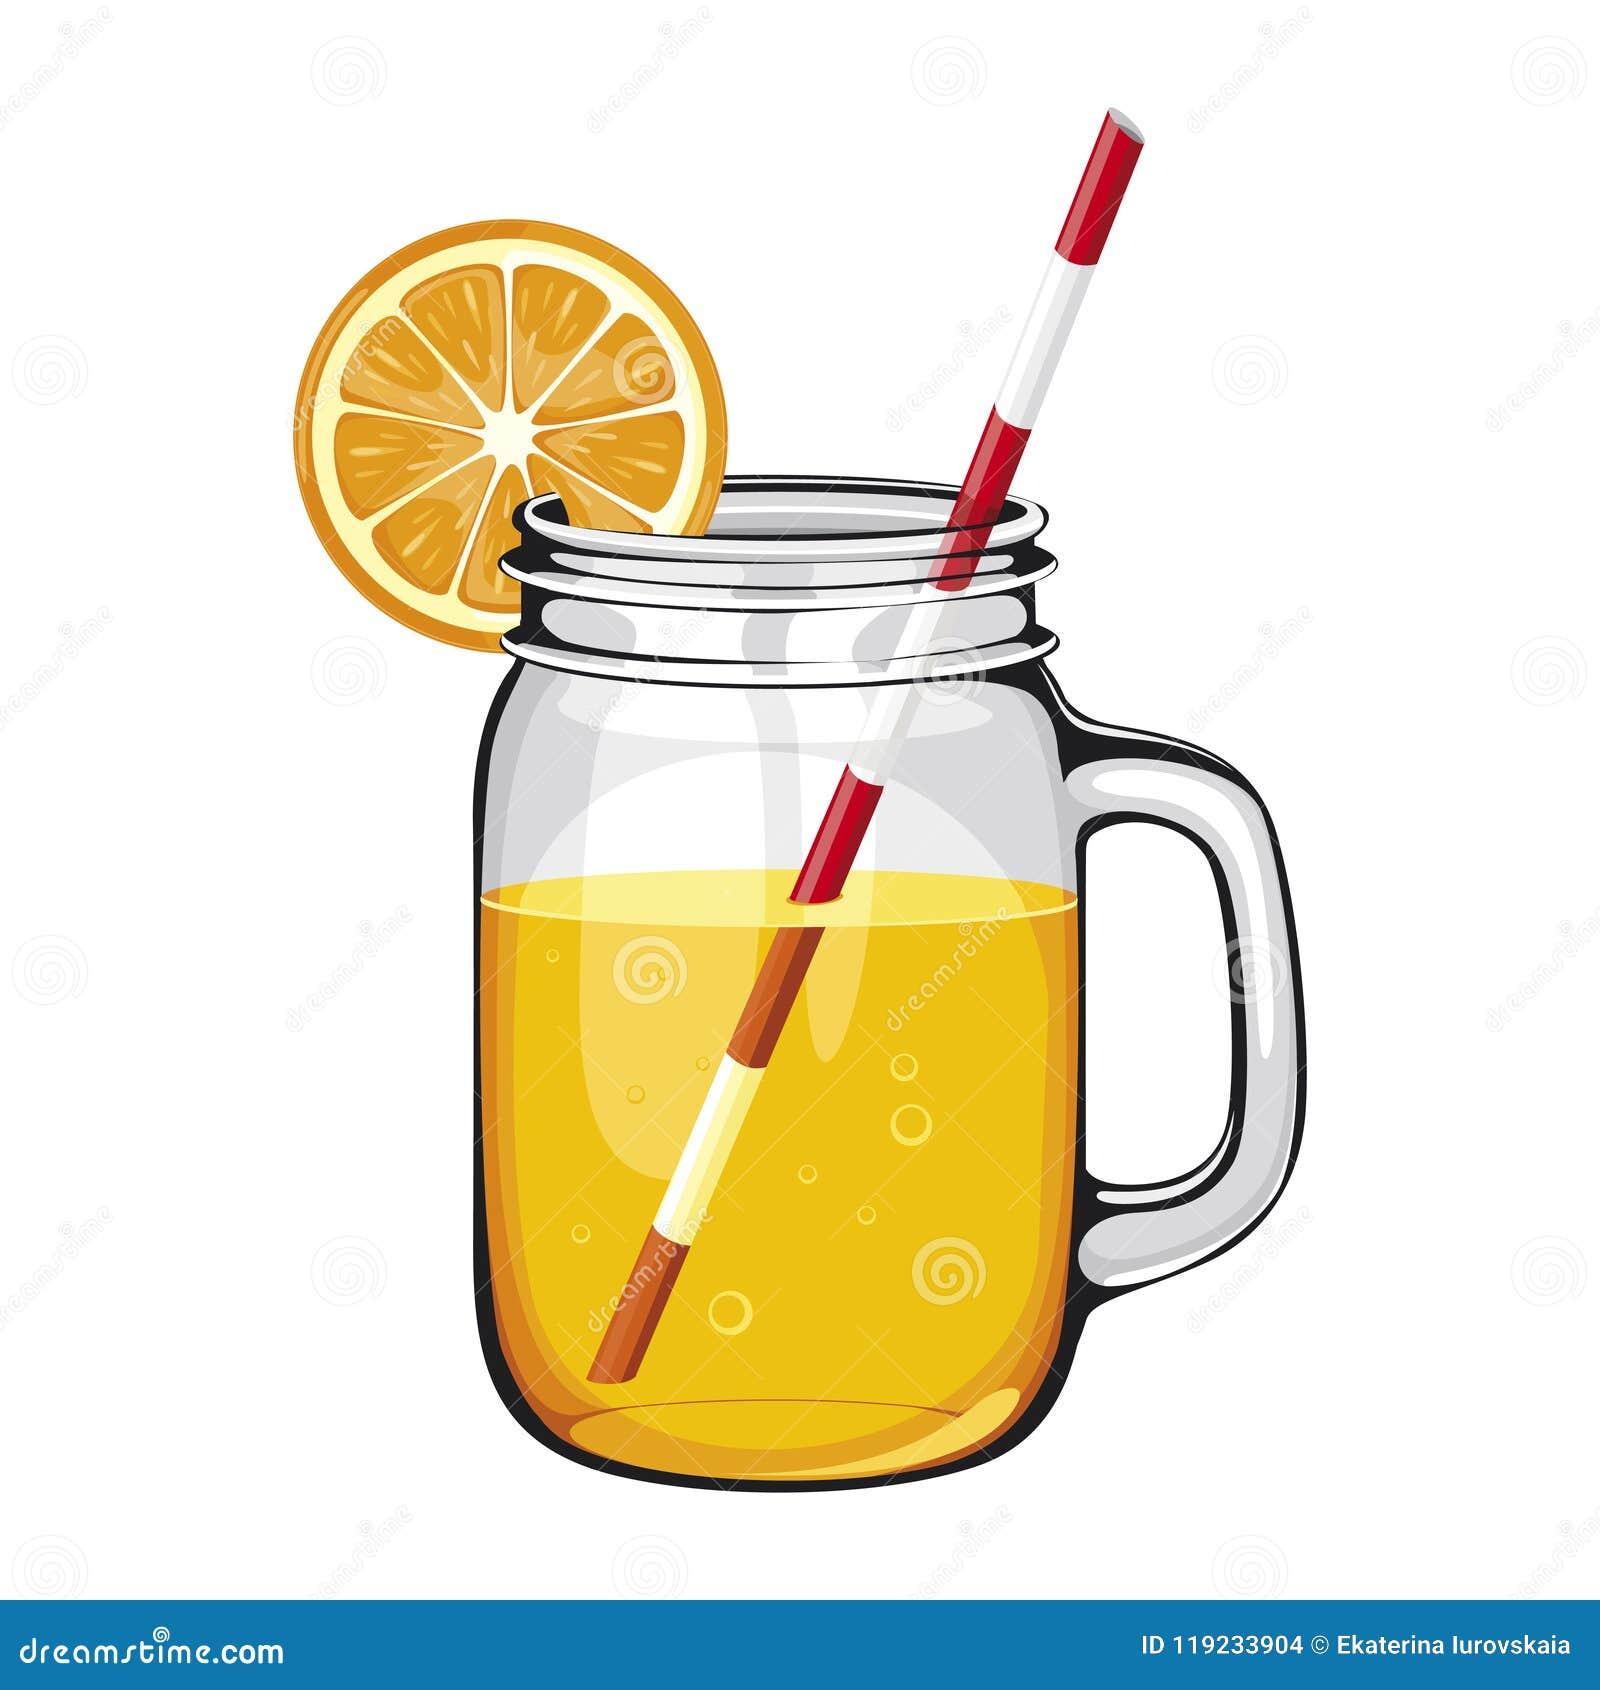 Orangensaft, Smoothie, in einem Weckglas mit einem Stroh, VERZIERT MIT EINER ORANGE SCHEIBE